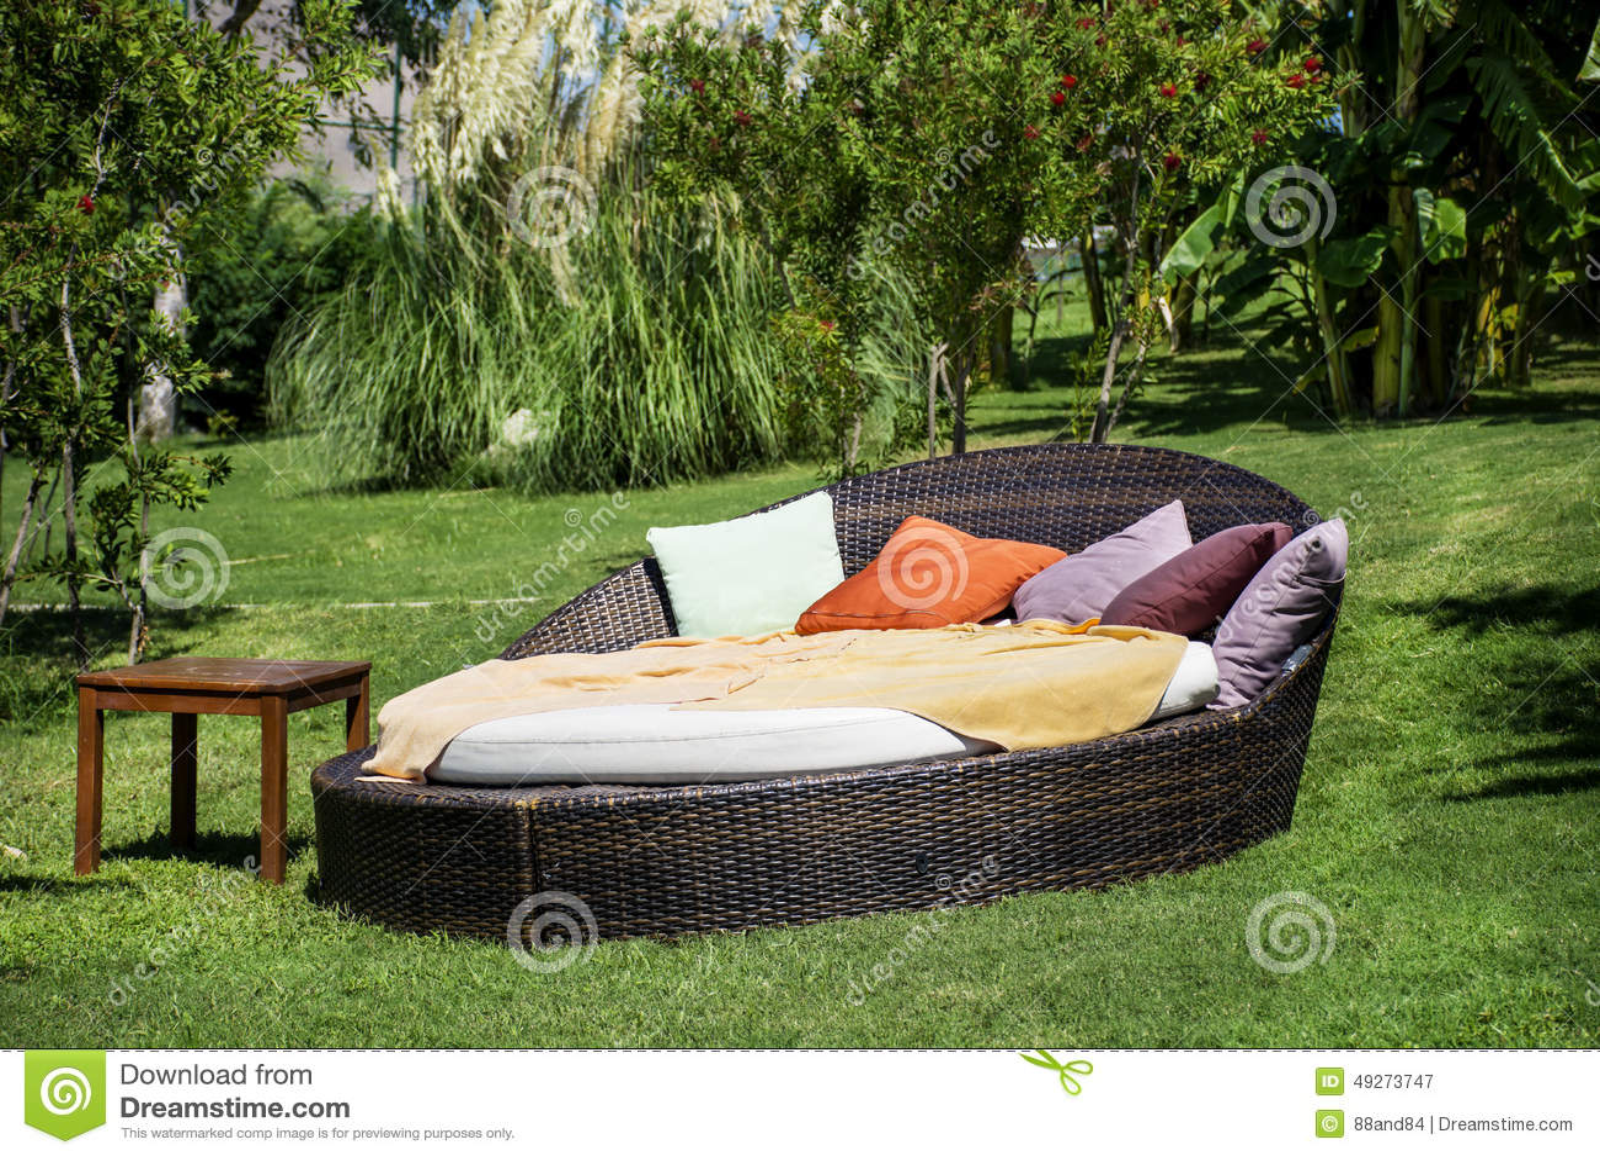 Lit Pliant De Salon Dans Un Jardin Exotique Vert Photo Stock Image 49273747